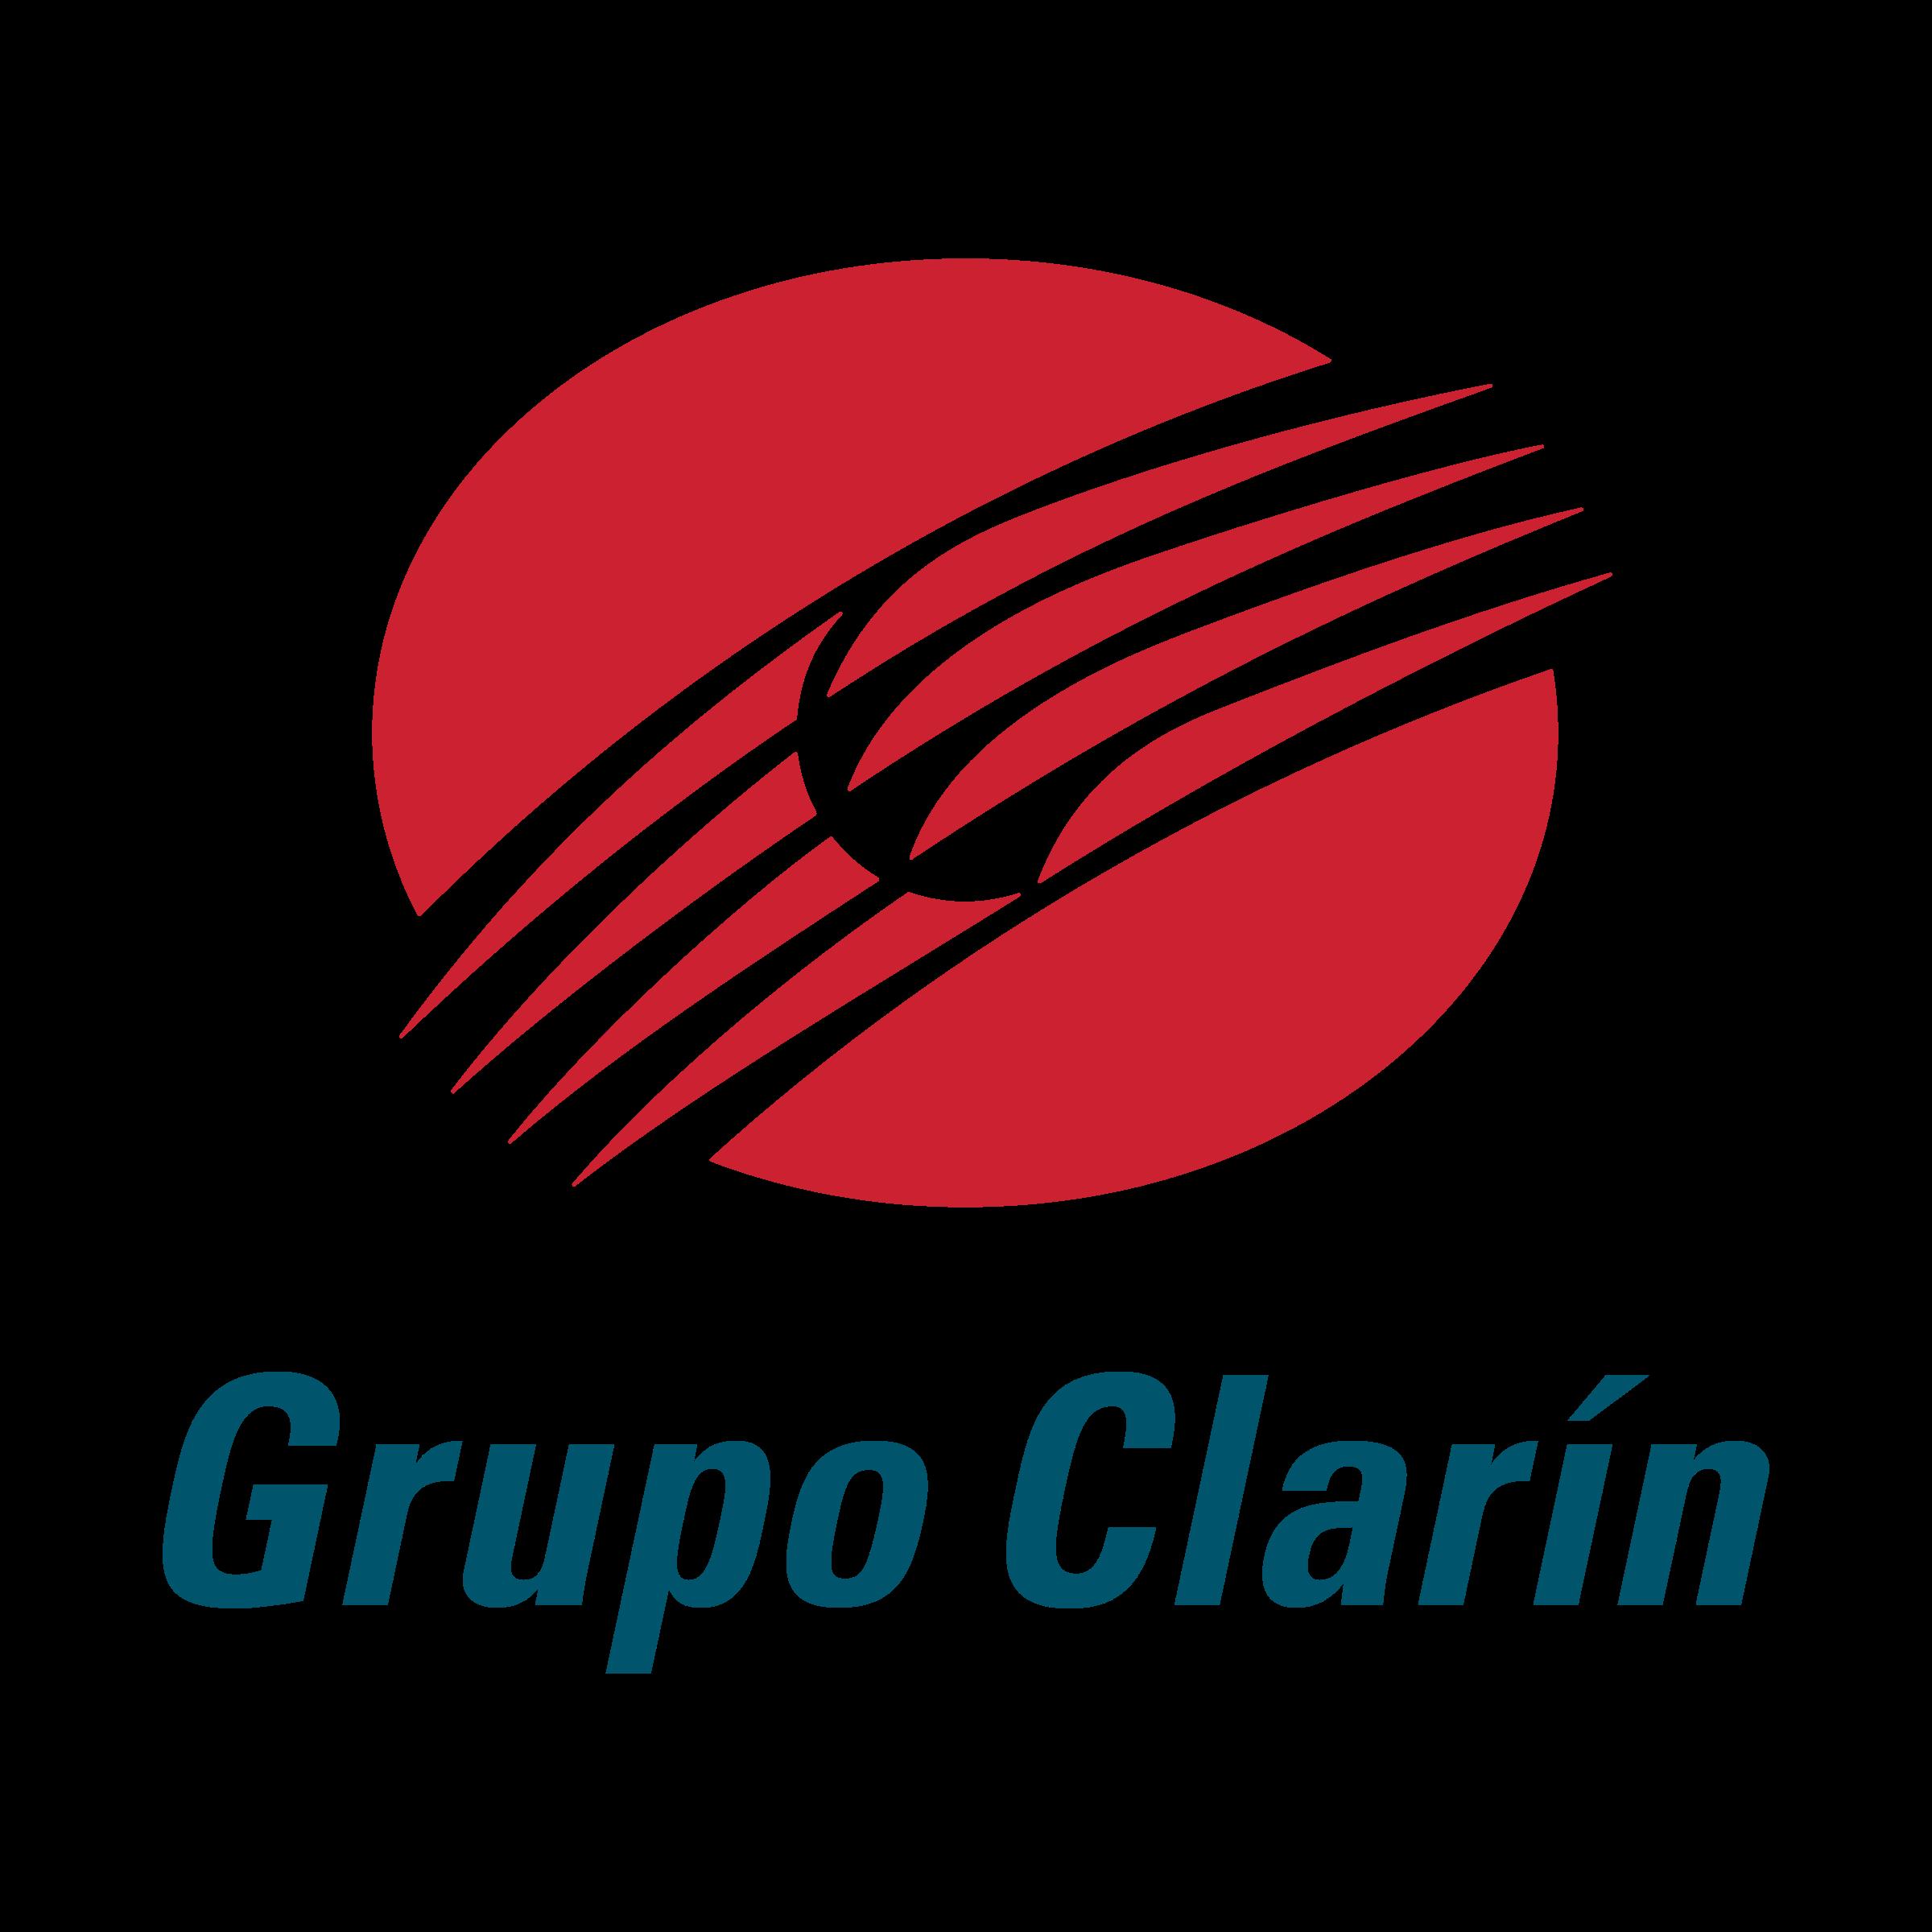 Grupo Clarin Logo PNG Transparent & SVG Vector.